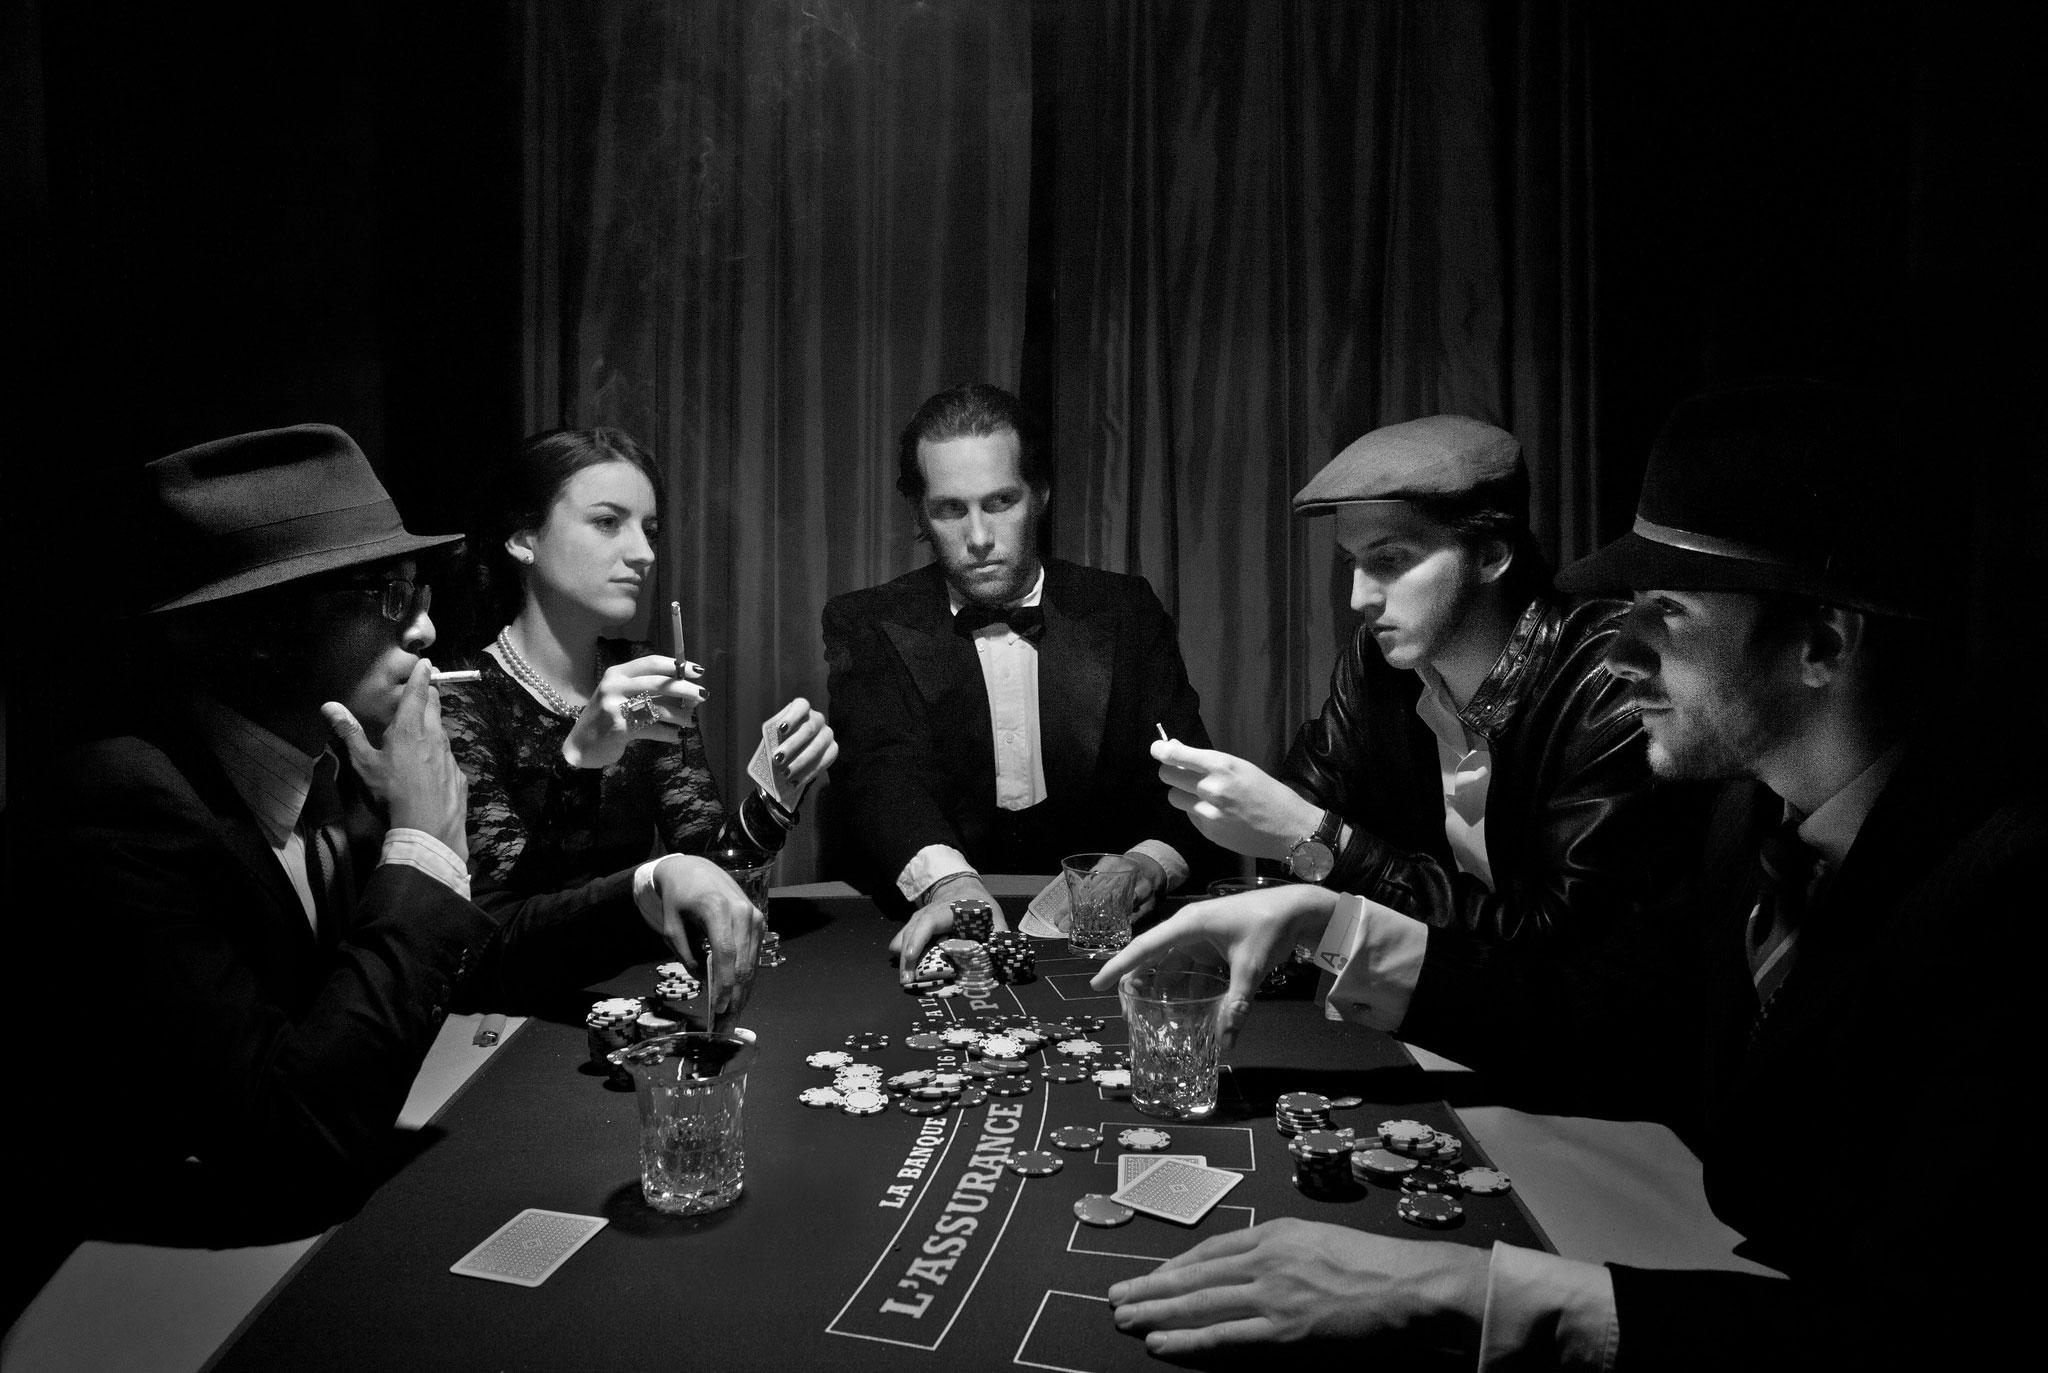 WATO : Teaser immersif au sein de la mafia italienne – Cosa Nostra Dinner